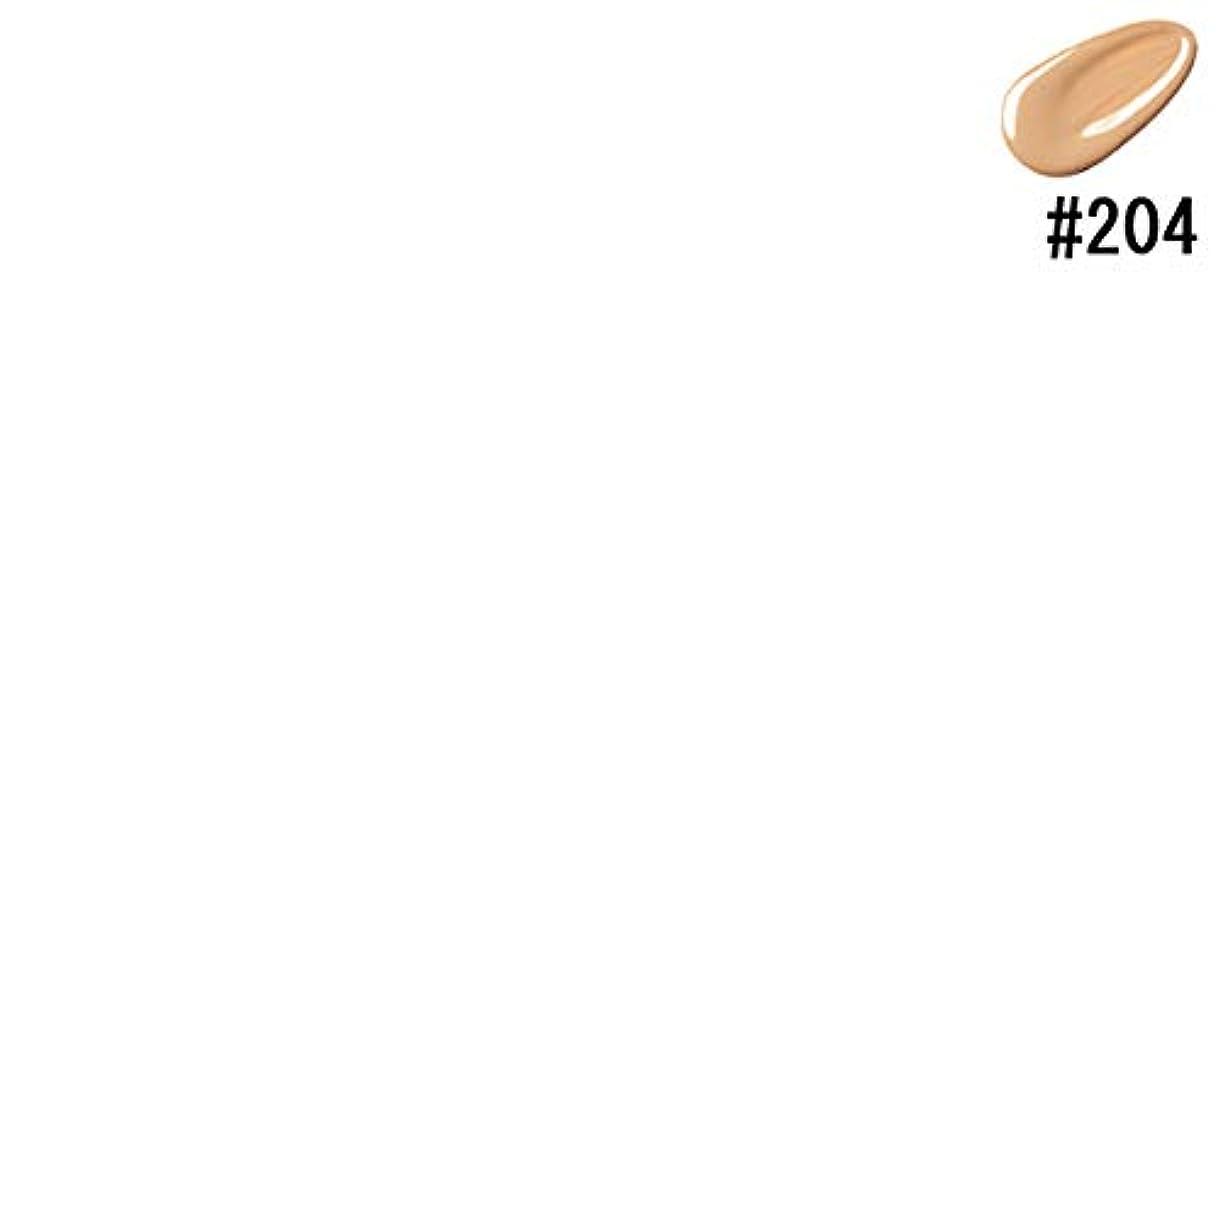 恐れる作成者デンマーク語【スリー】アンジェリックシンセシスファンデーションセラム #204 30ml